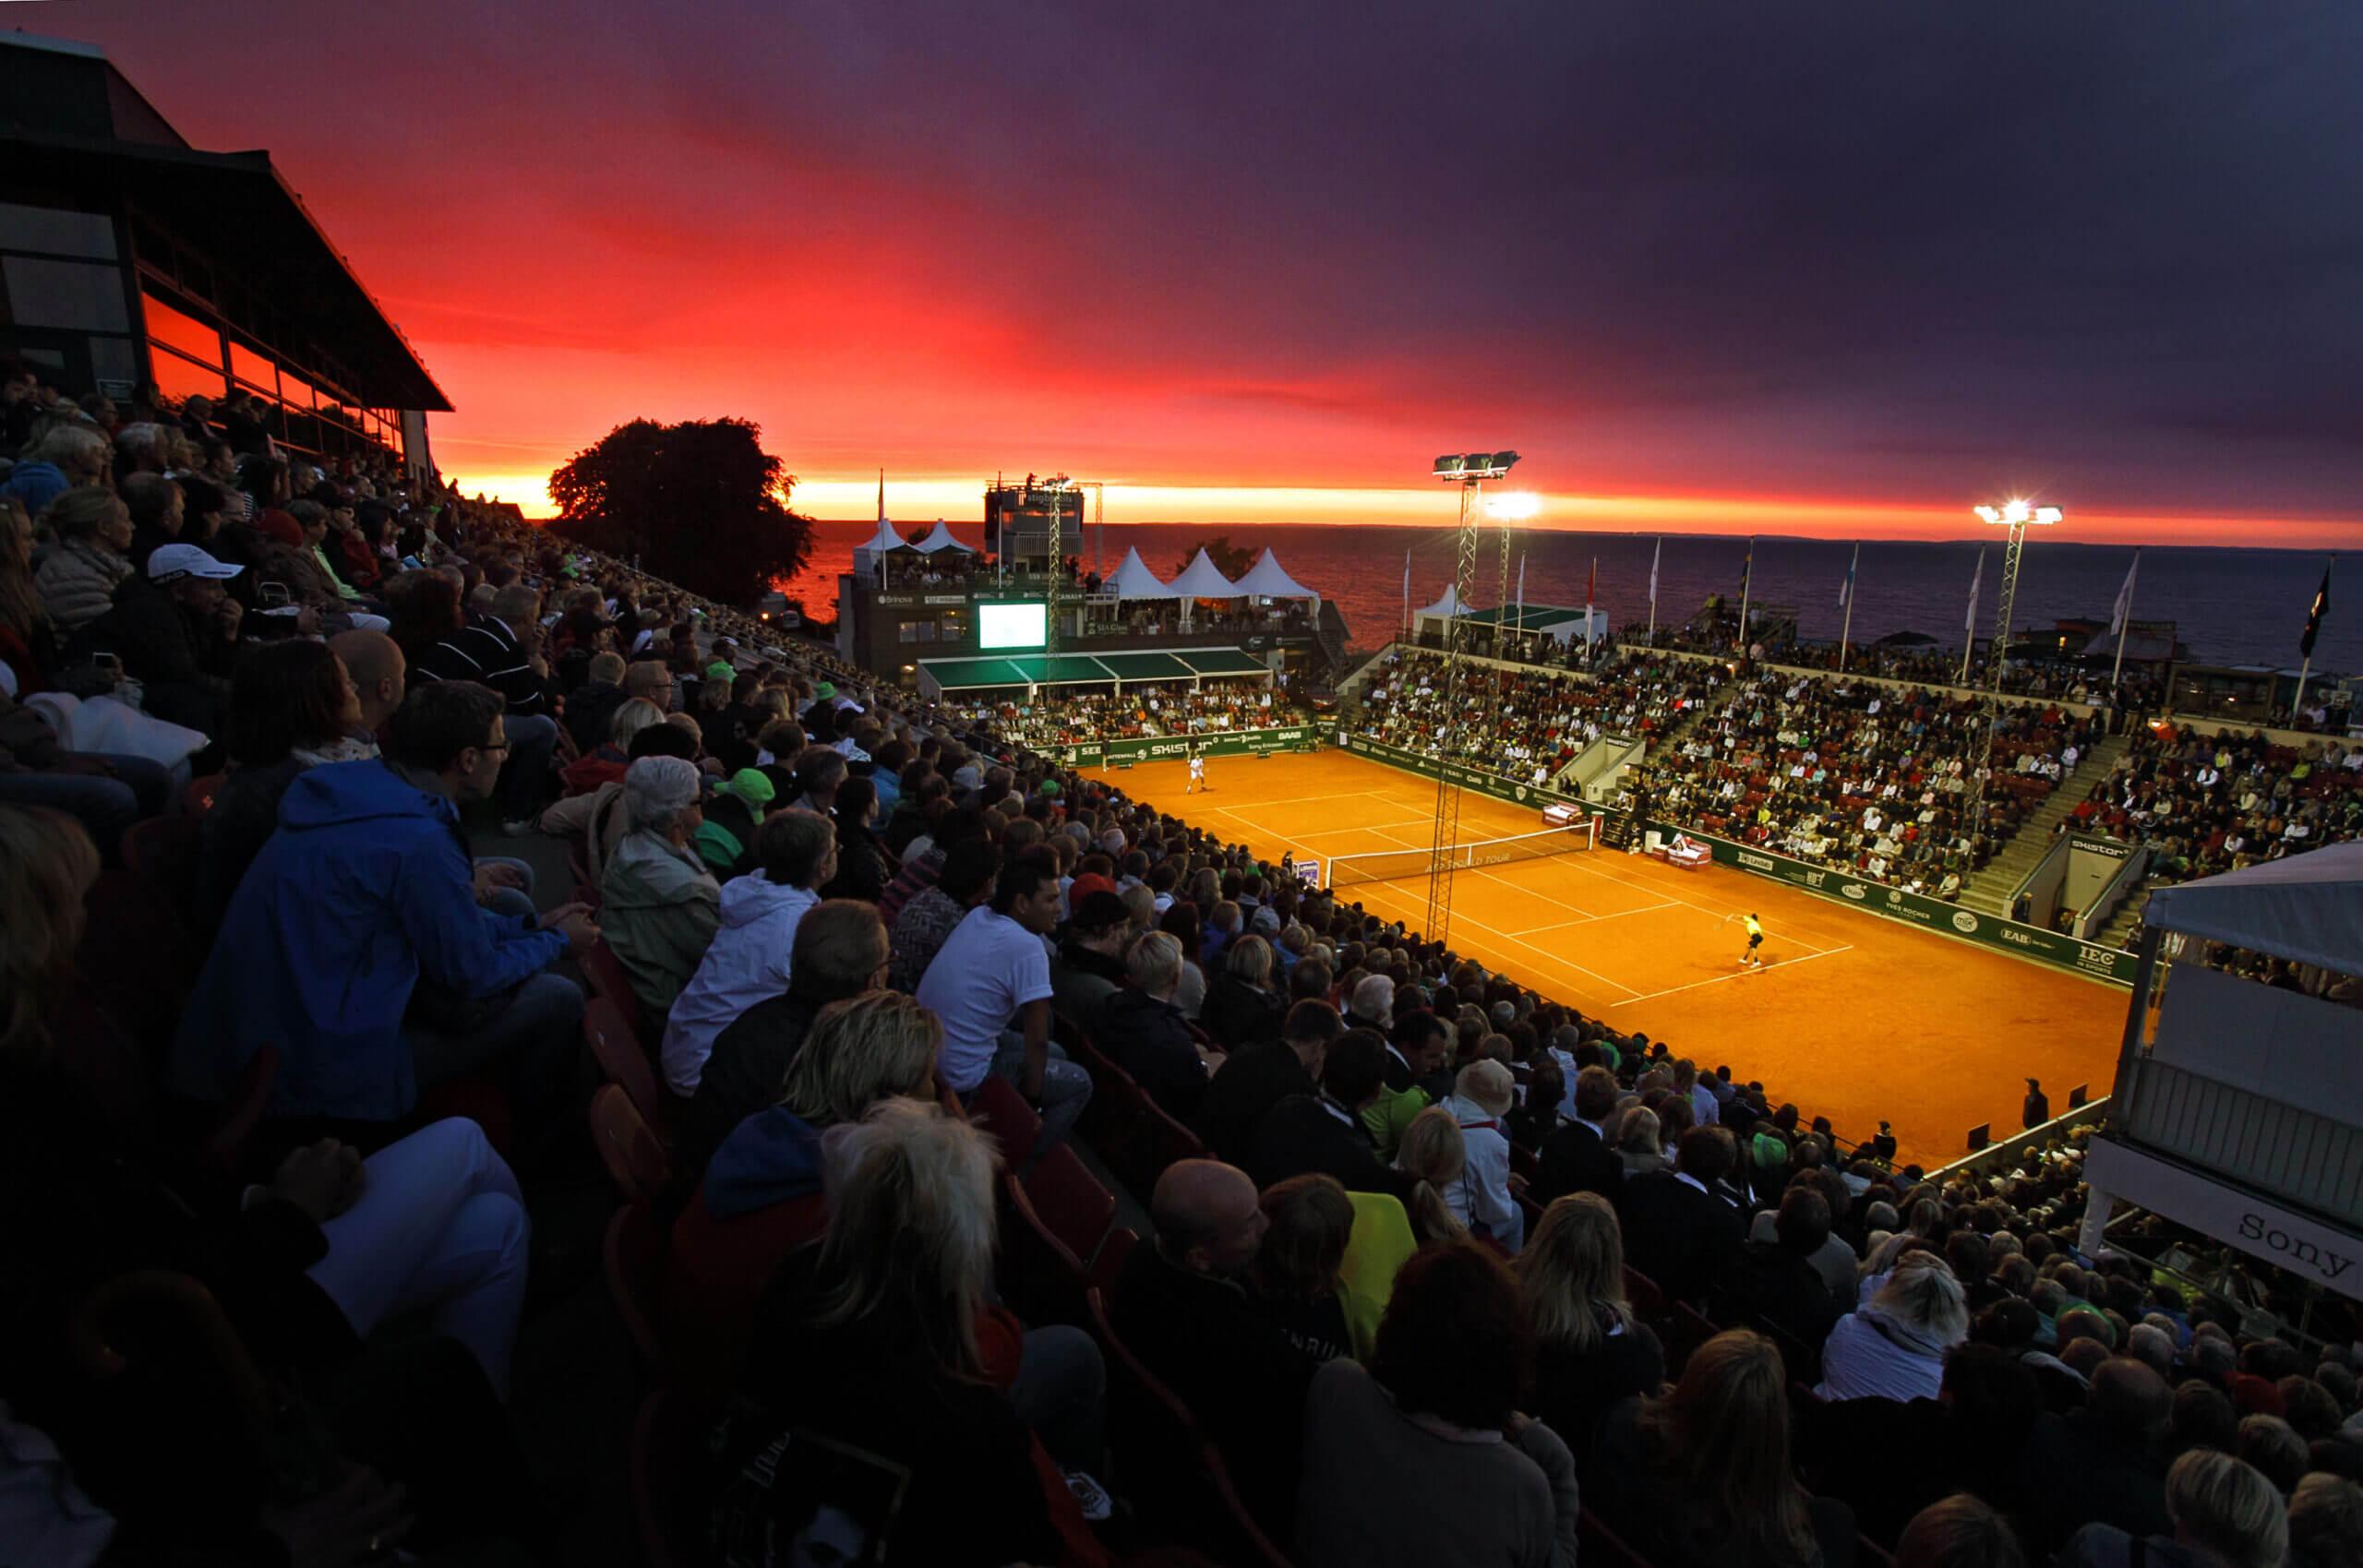 Теннис на закате Фото. Арена Бостад